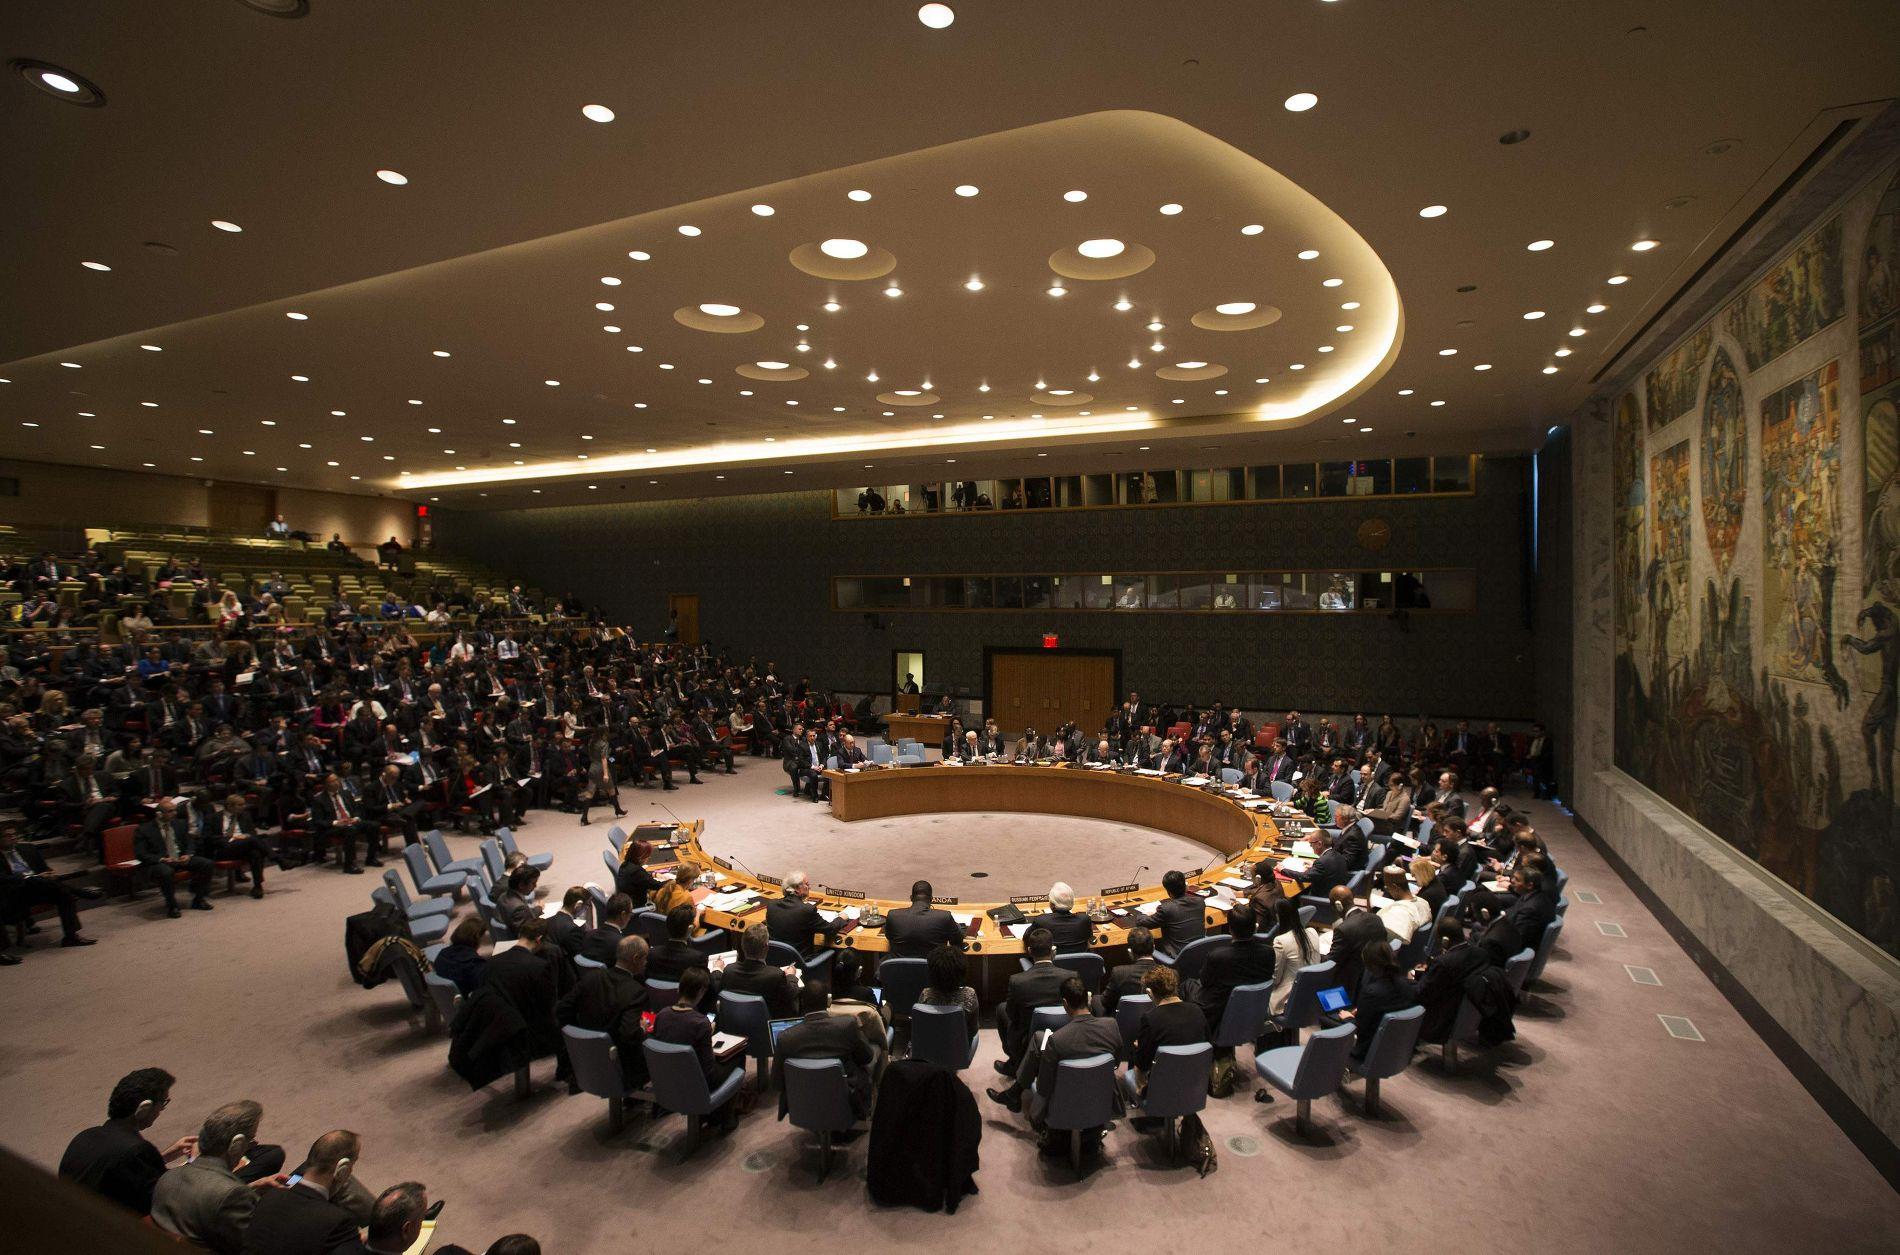 РФ не угодила вСовет ООН поправам человека— Вследующий раз